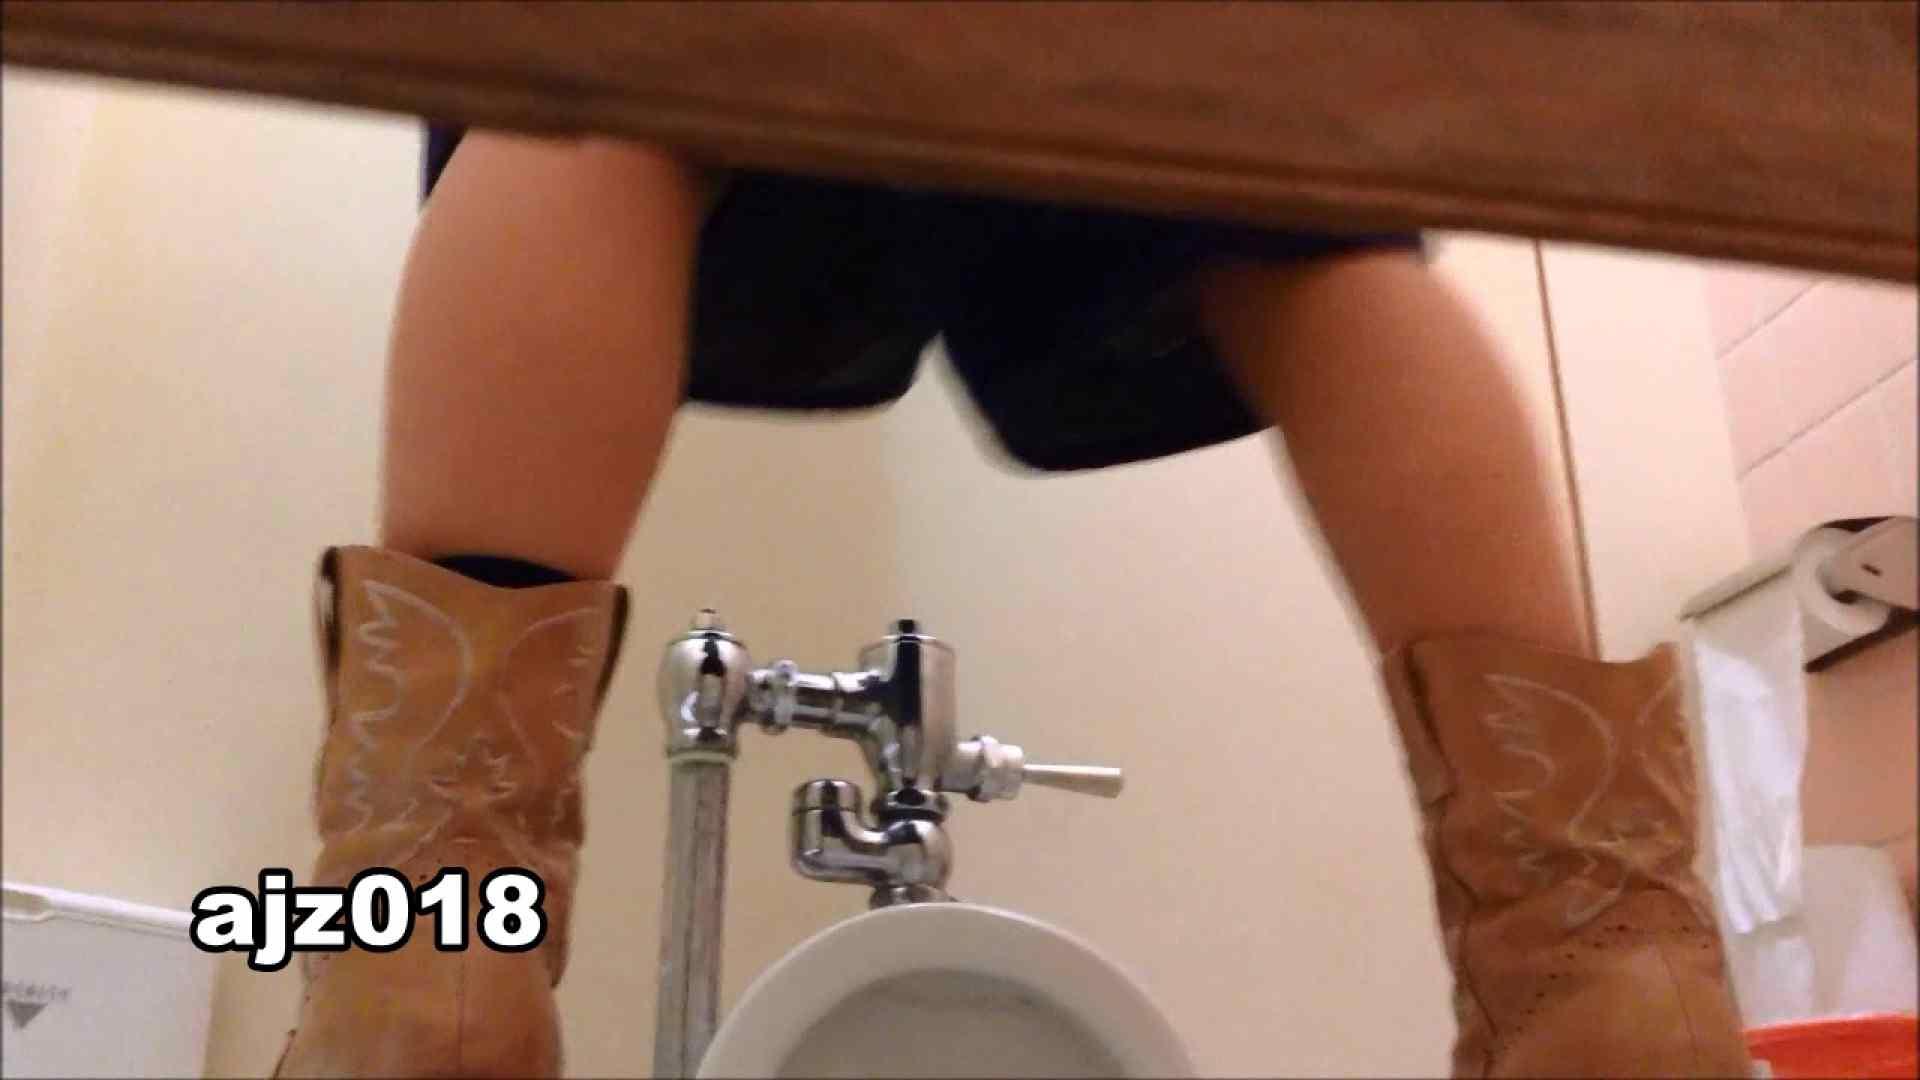 某有名大学女性洗面所 vol.18 OL女体  79連発 56